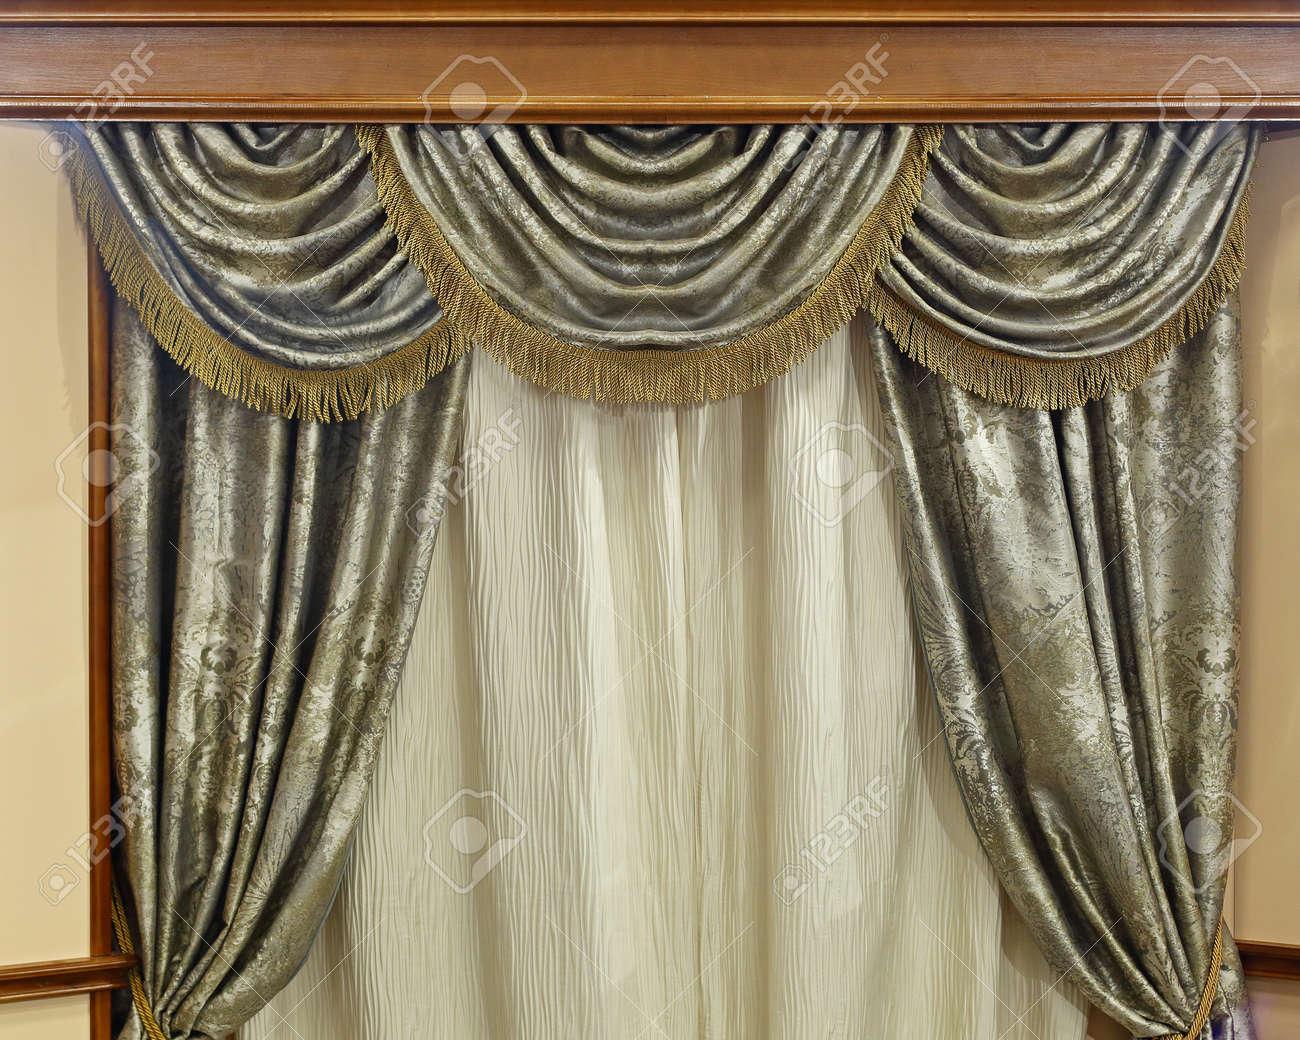 Rideaux De Luxe à La Maison Intérieur De Style Rustique Banque D ...